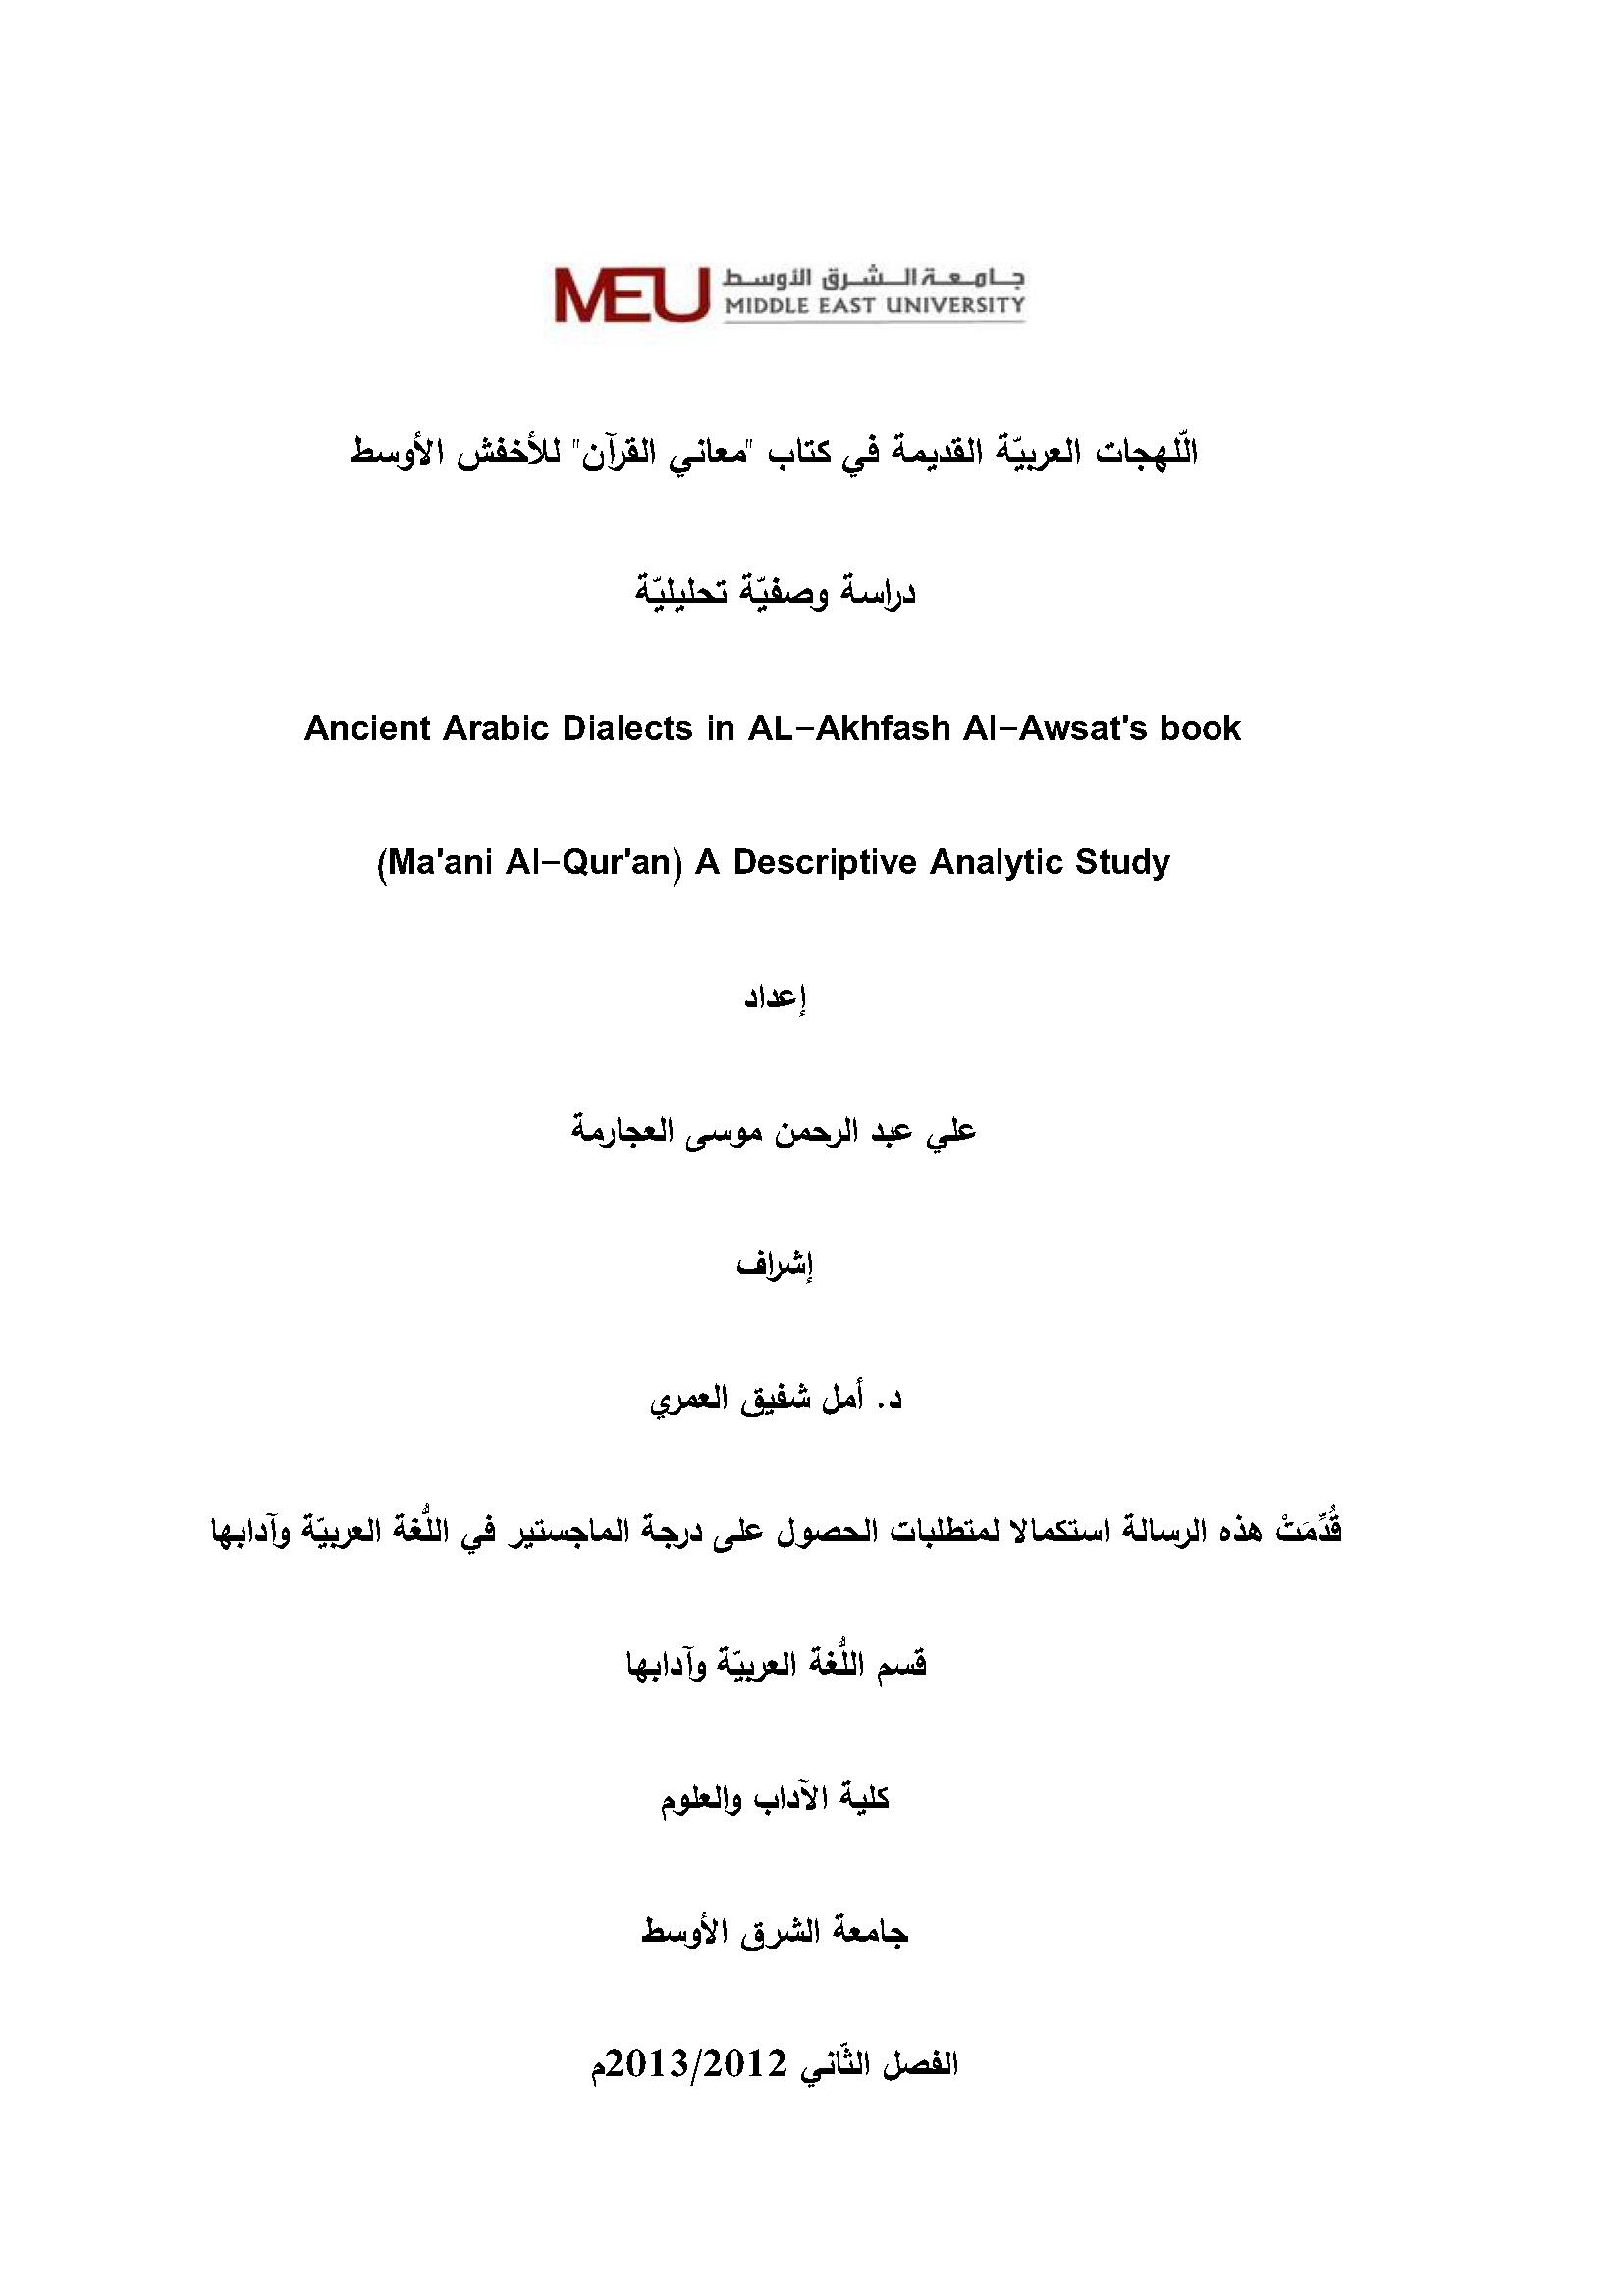 تحميل كتاب اللهجات العربية القديمة في كتاب «معاني القرآن» للأخفش الأوسط (دراسة وصفية تحليلية) لـِ: علي عبد الرحمن موسى العجارمة